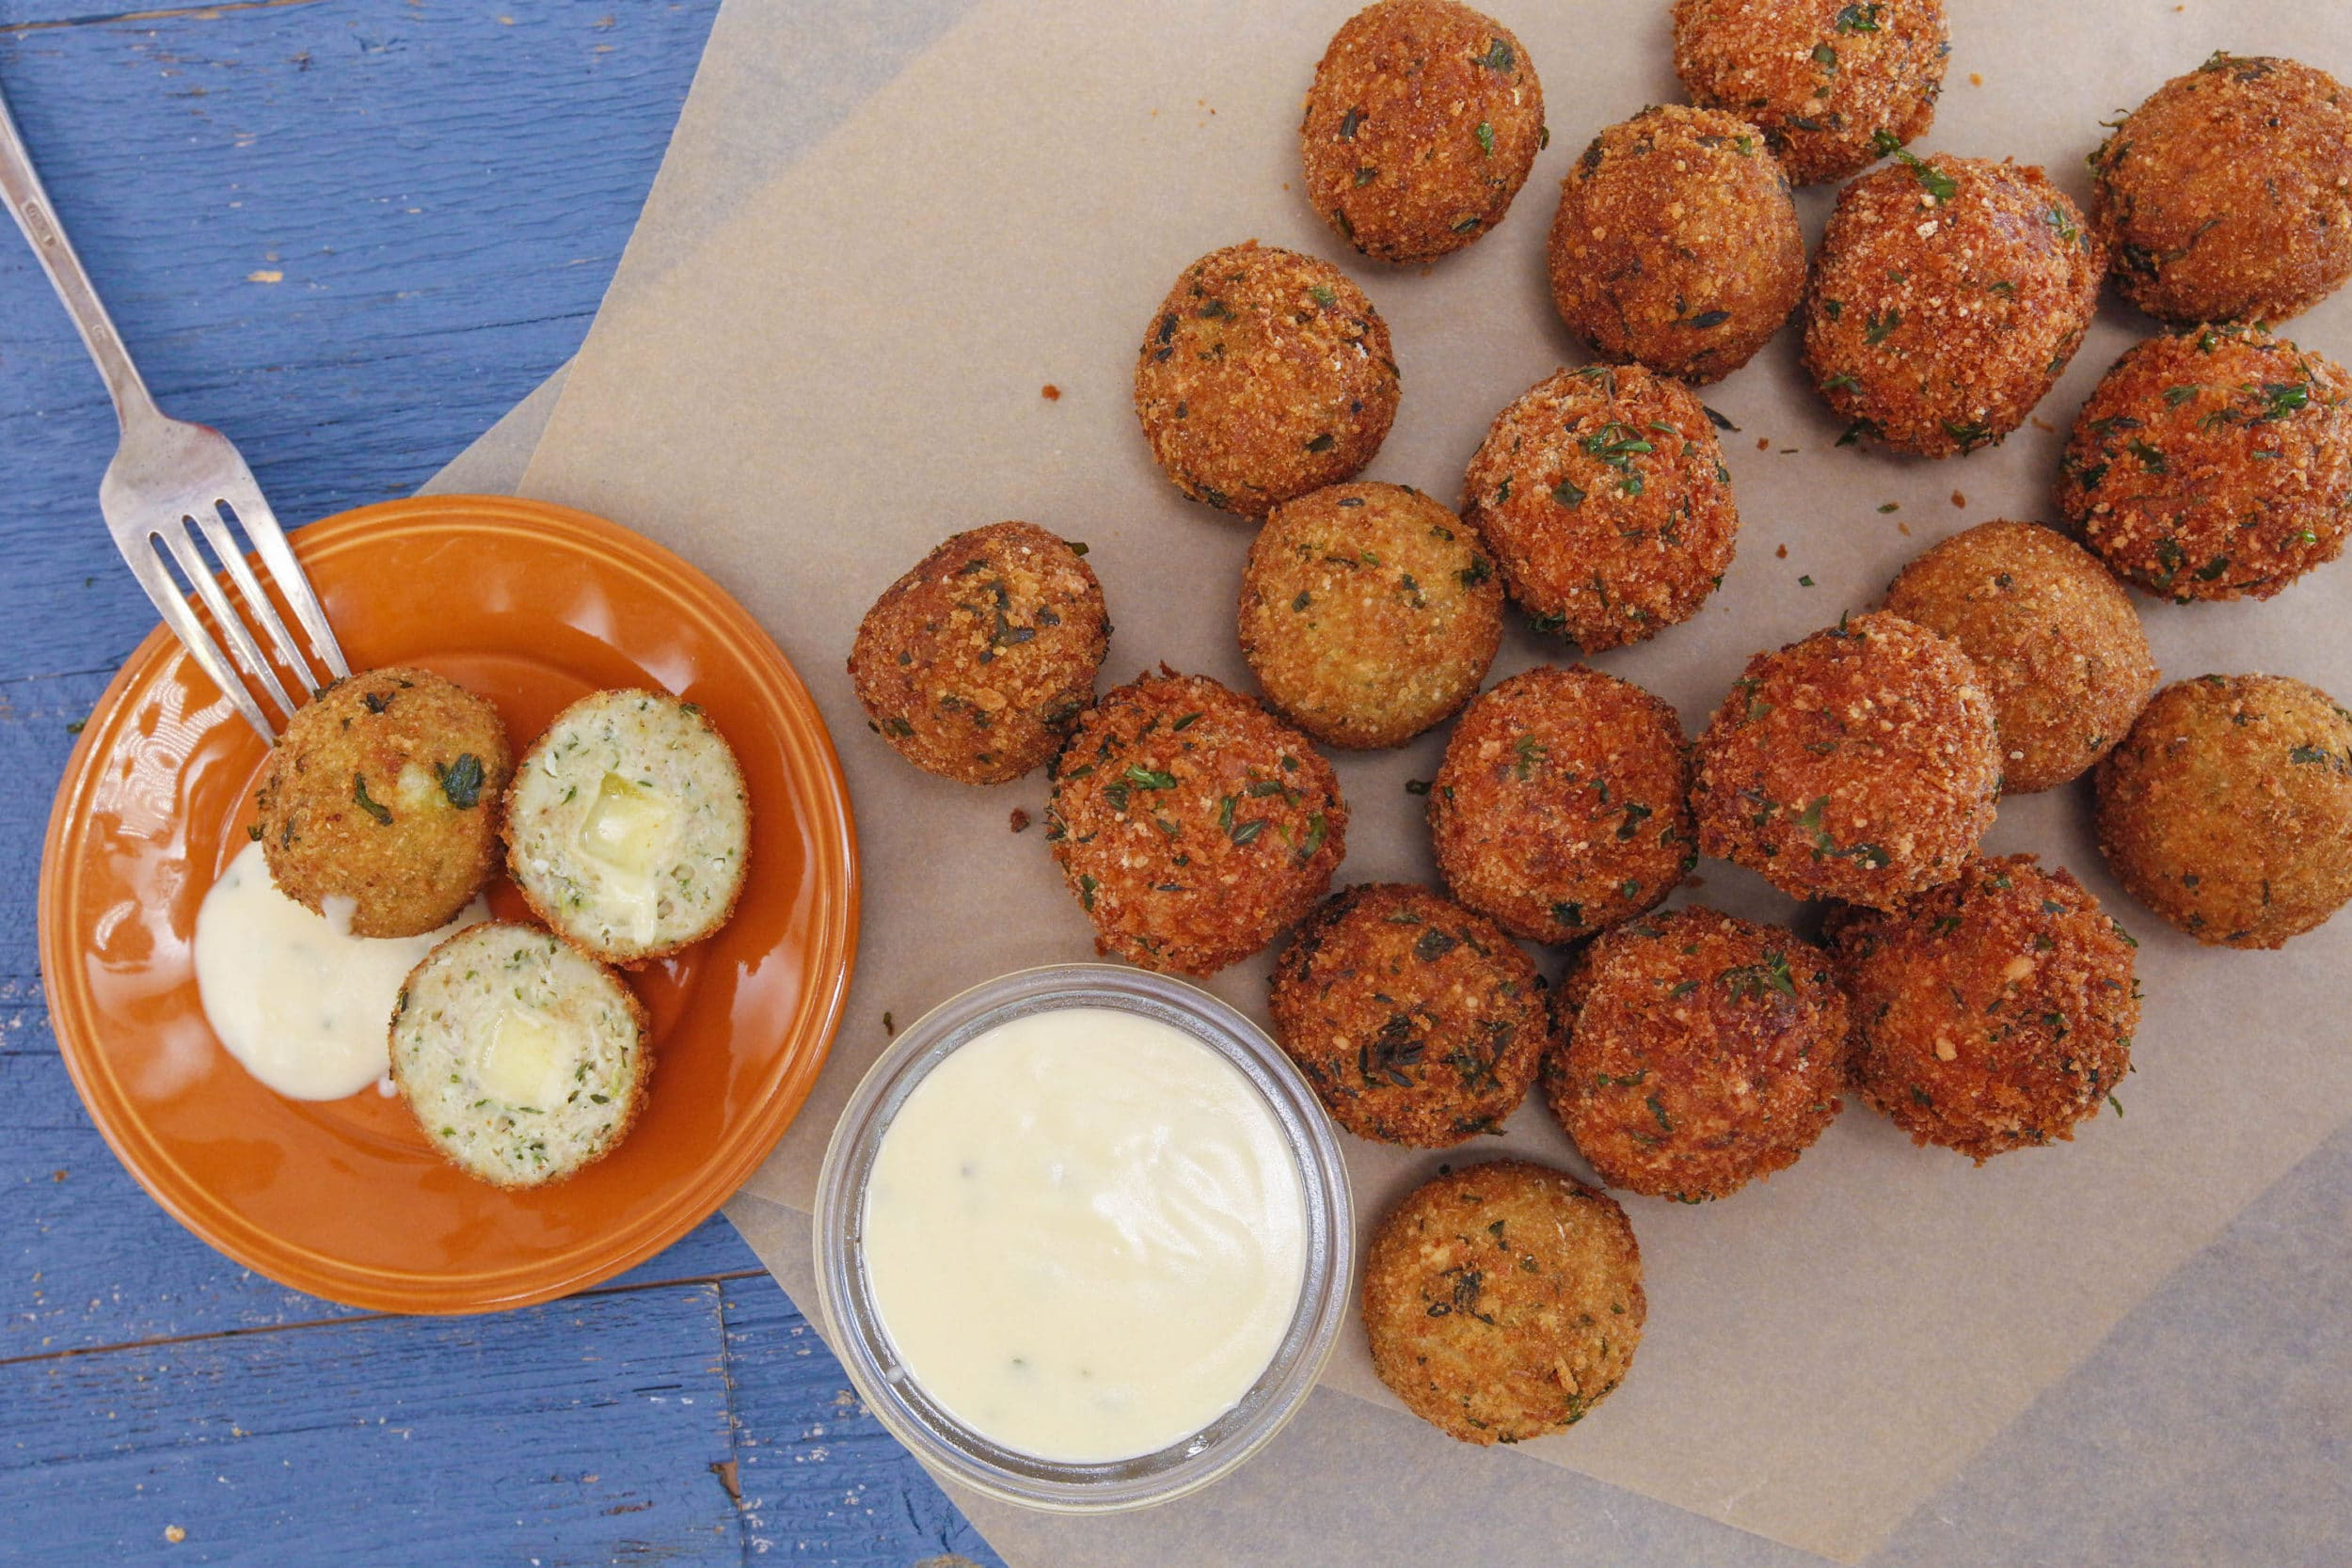 Cordon Bleu Meatballs with Dijon Gravy